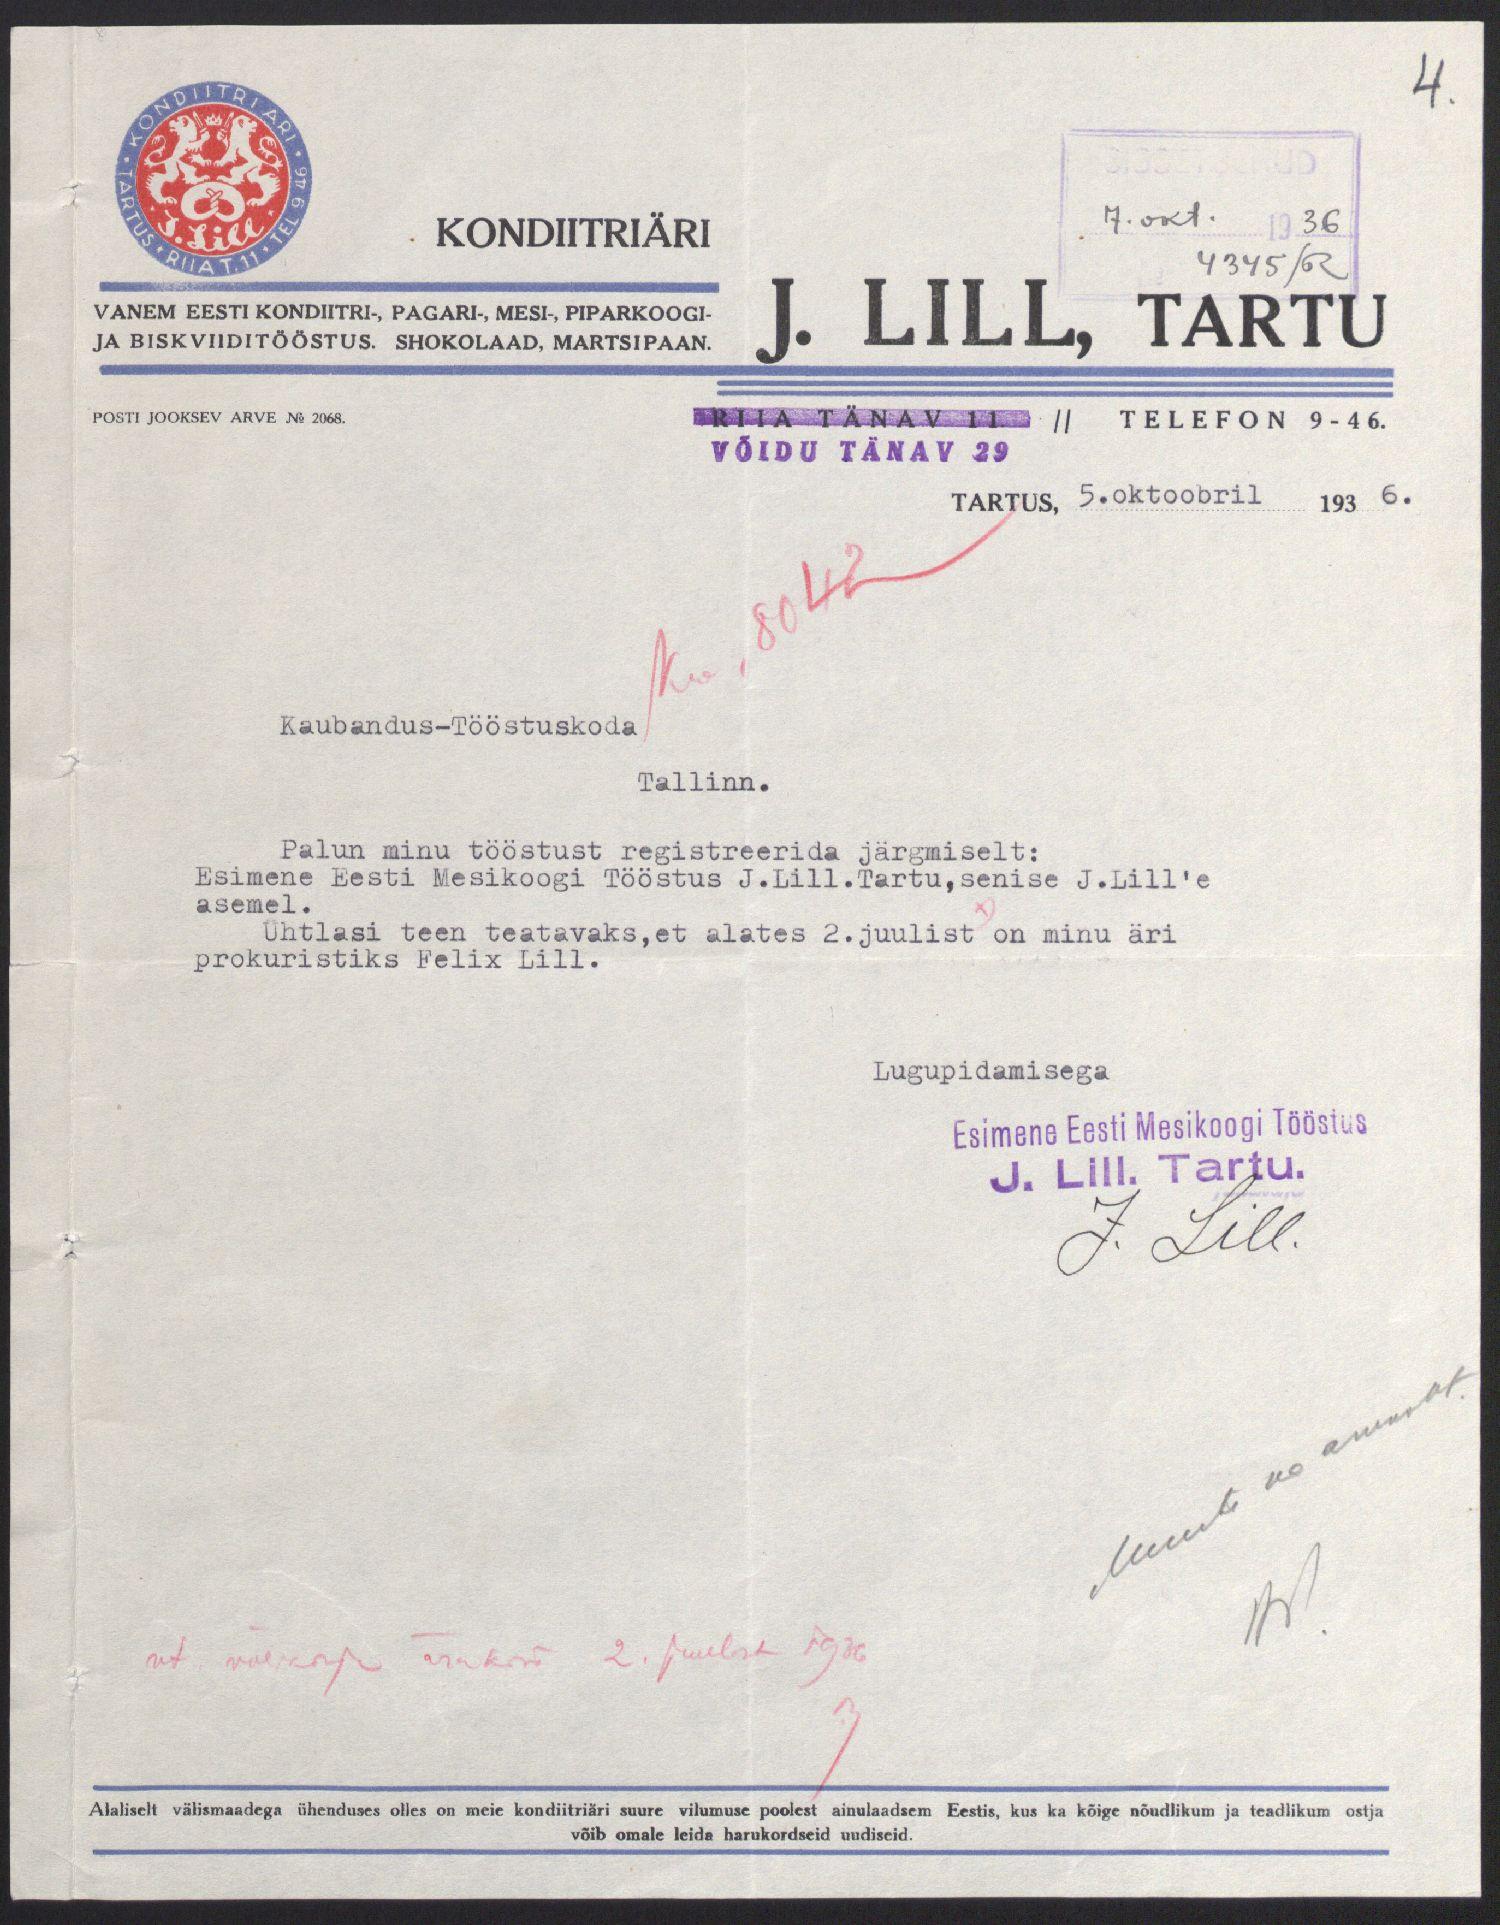 Juhan Lille avaldus Kaubandus-tööstuskojale Esimese Eesti Mesikoogi tööstuse registreerimiseks, 1936. ERA.891.2.956